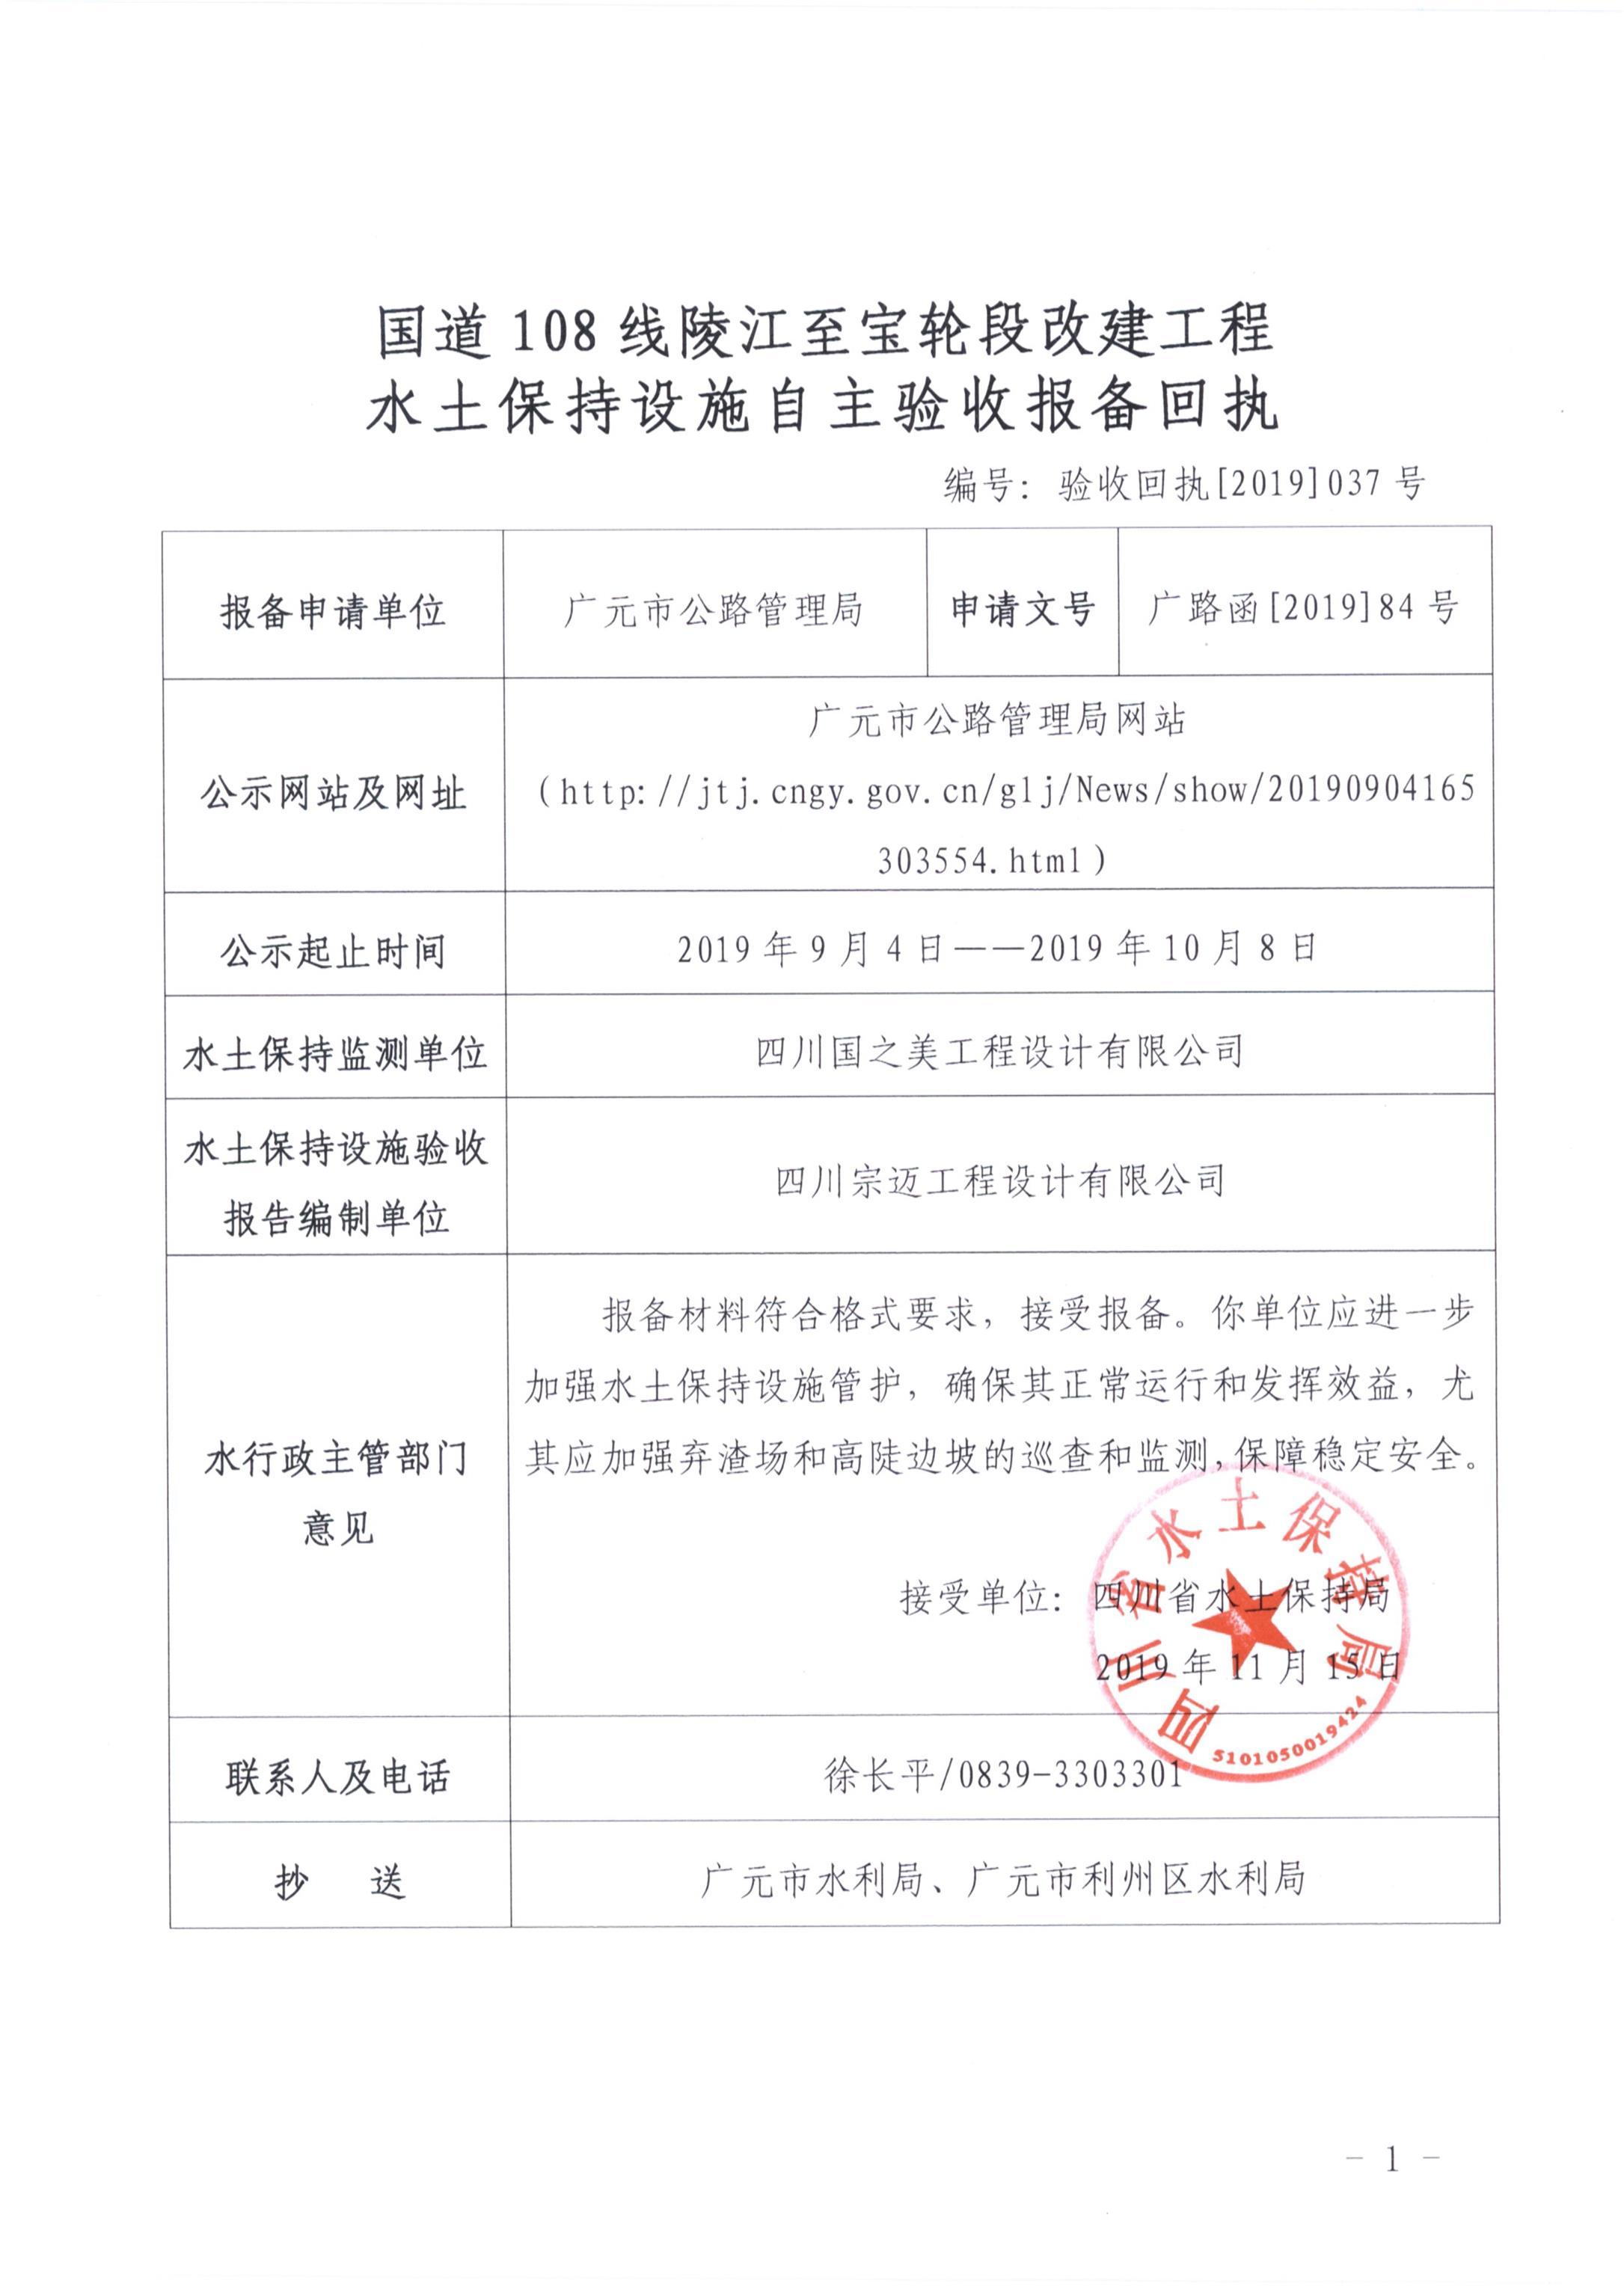 国道108线陵江至宝轮段改建工程乐动投注平台设施自主验收报备回执.jpg